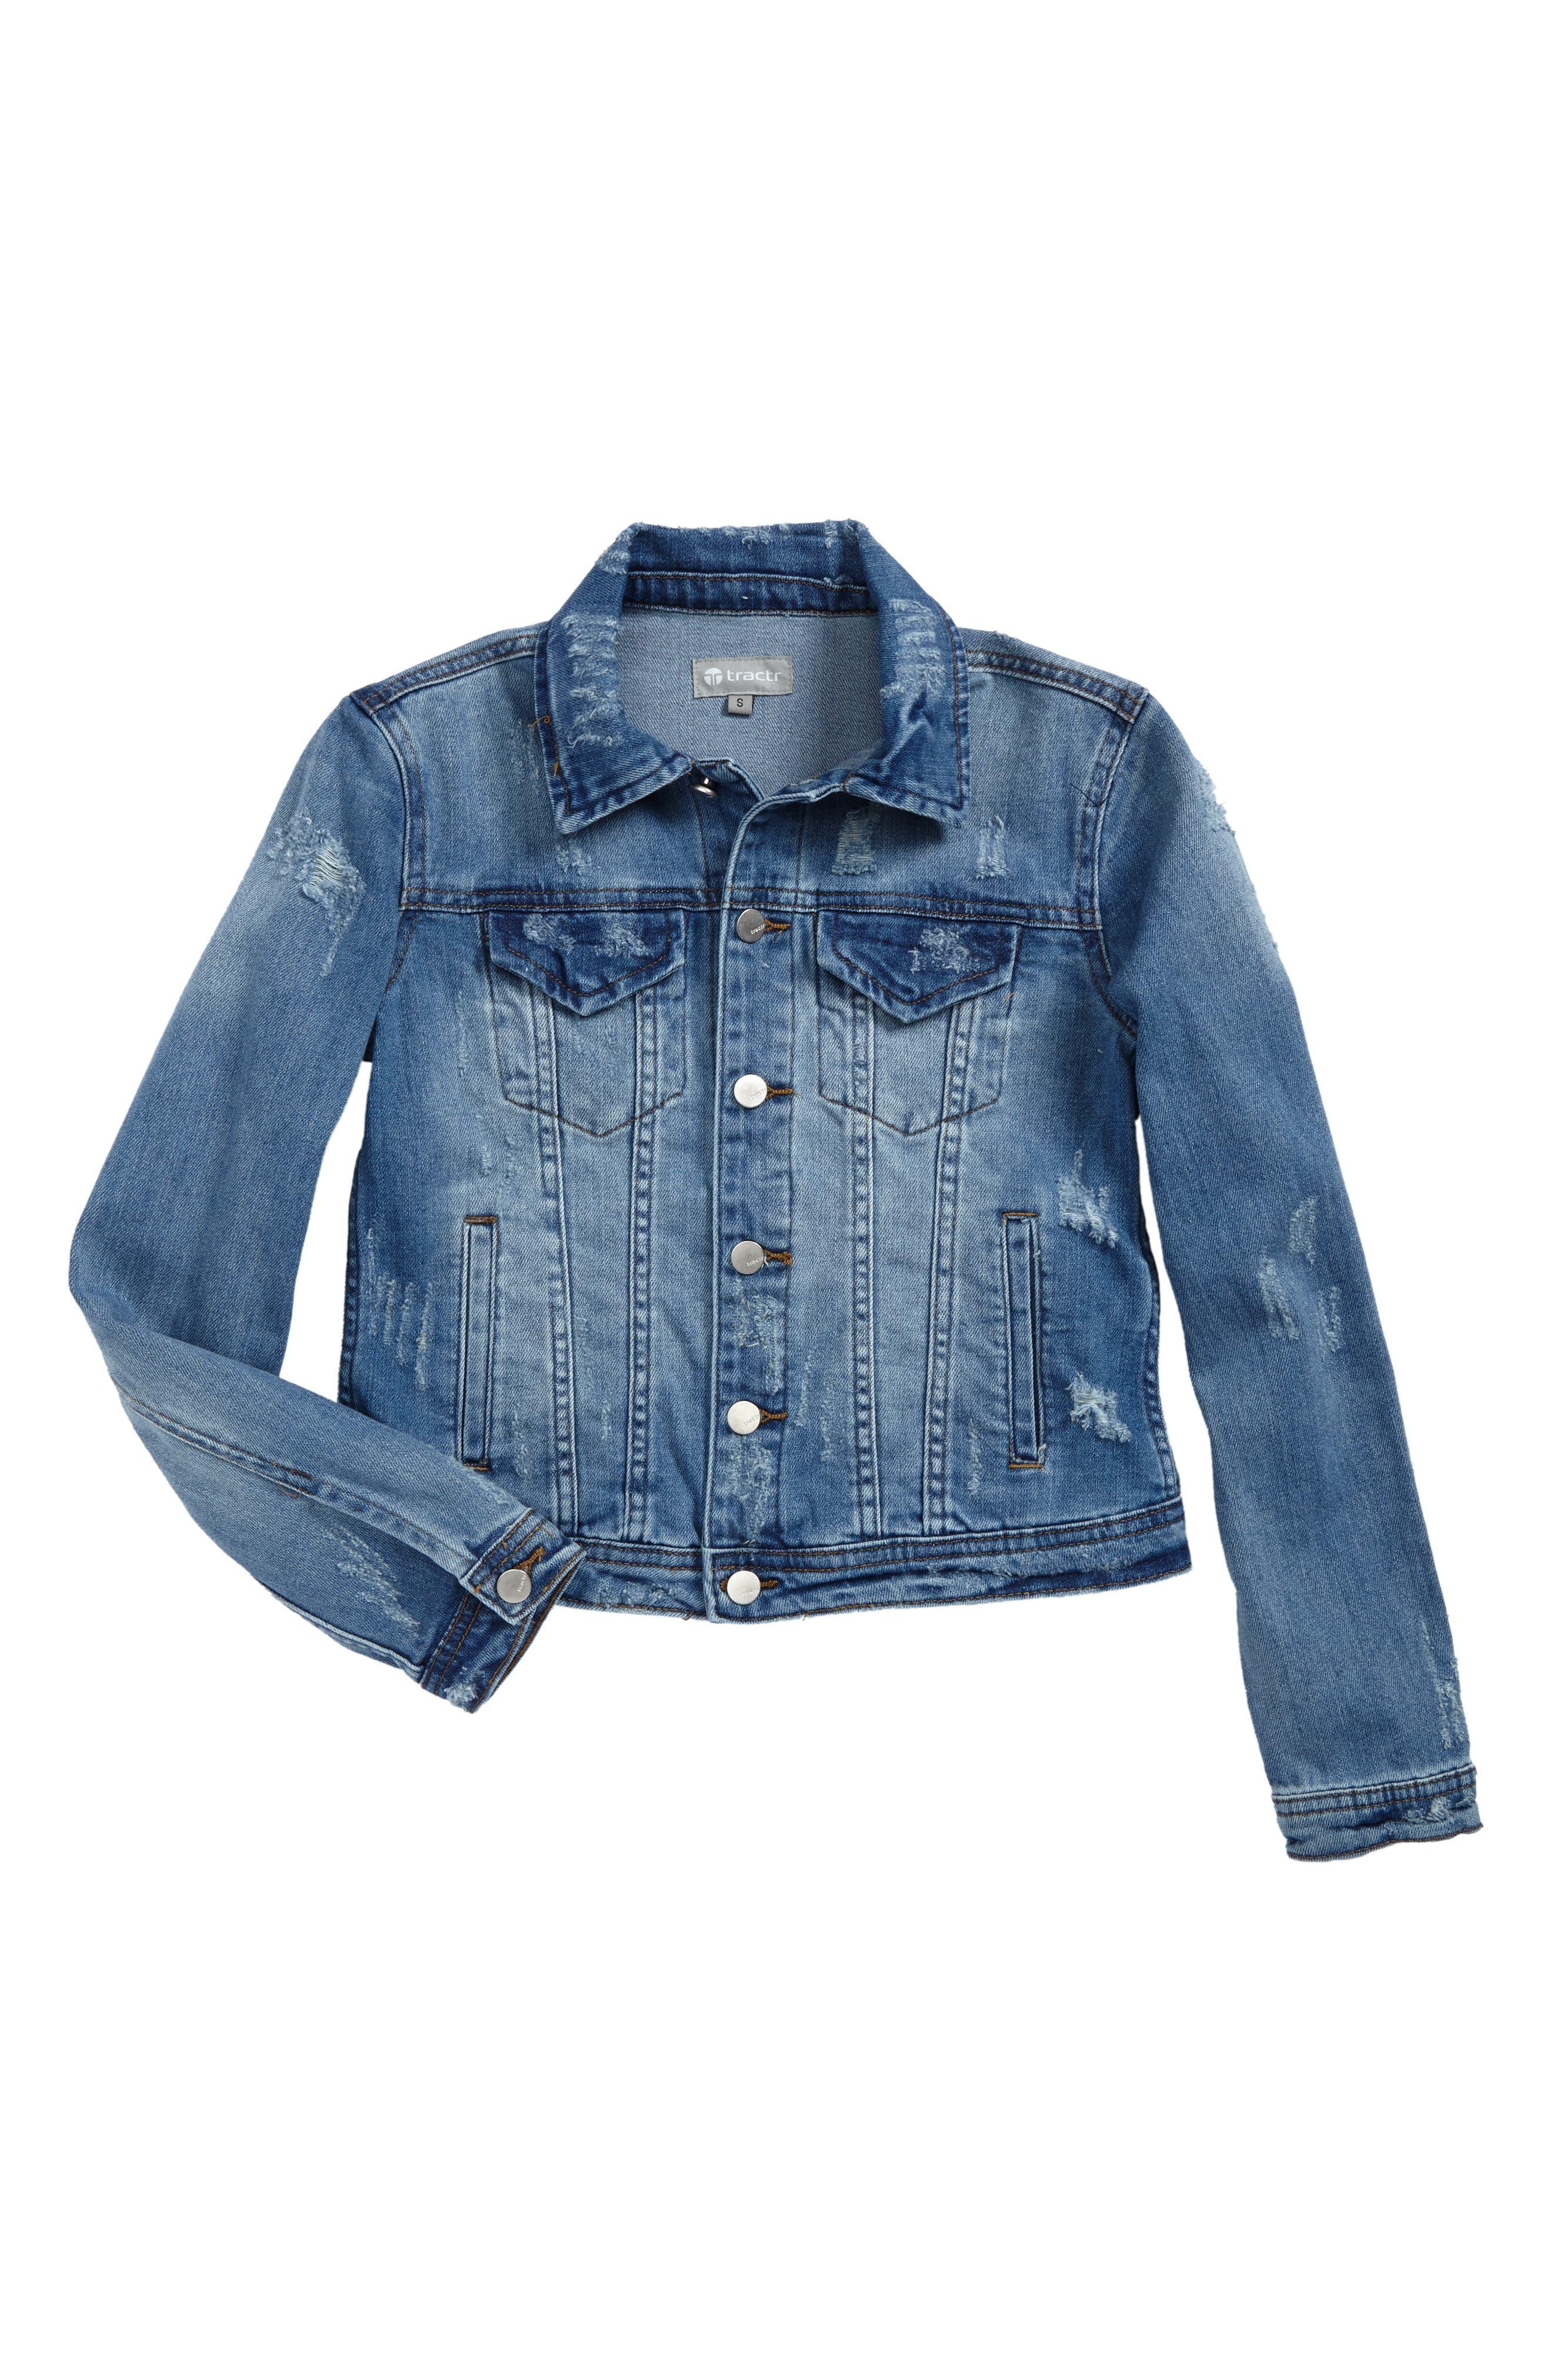 Decon Denim Jacket,                         Main,                         color, Indigo